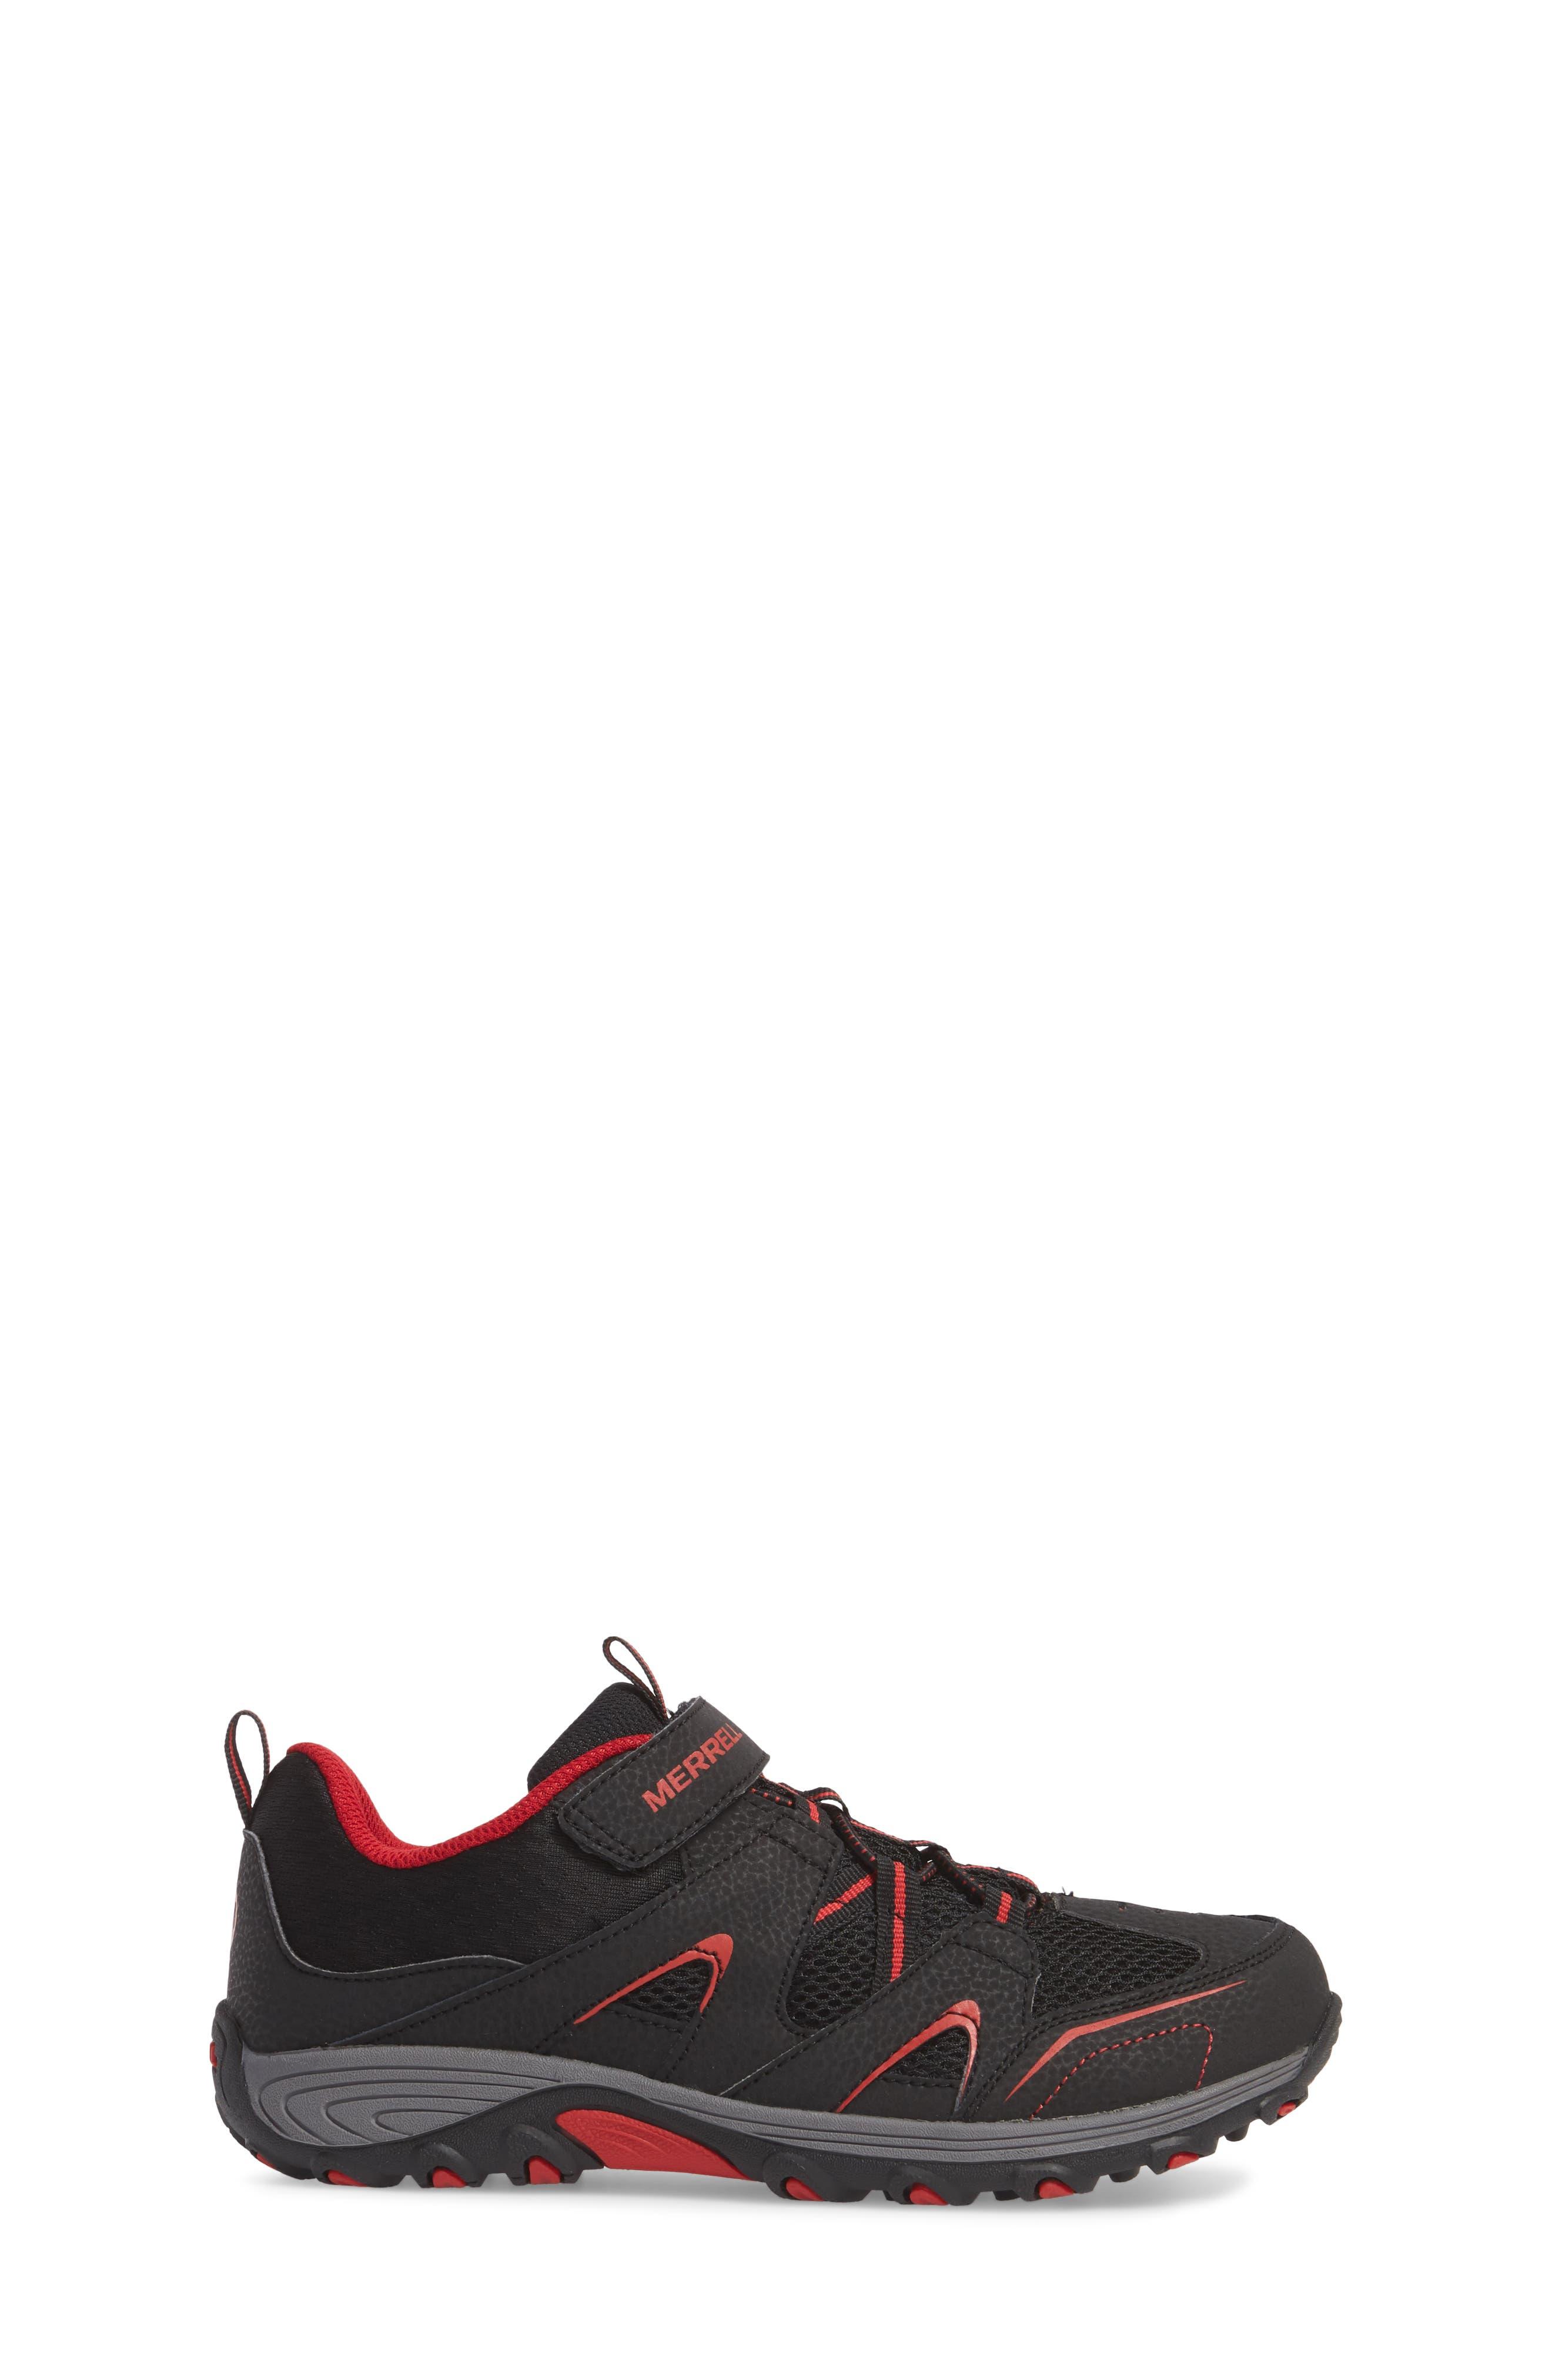 Trail Chaser Sneaker,                             Alternate thumbnail 3, color,                             001